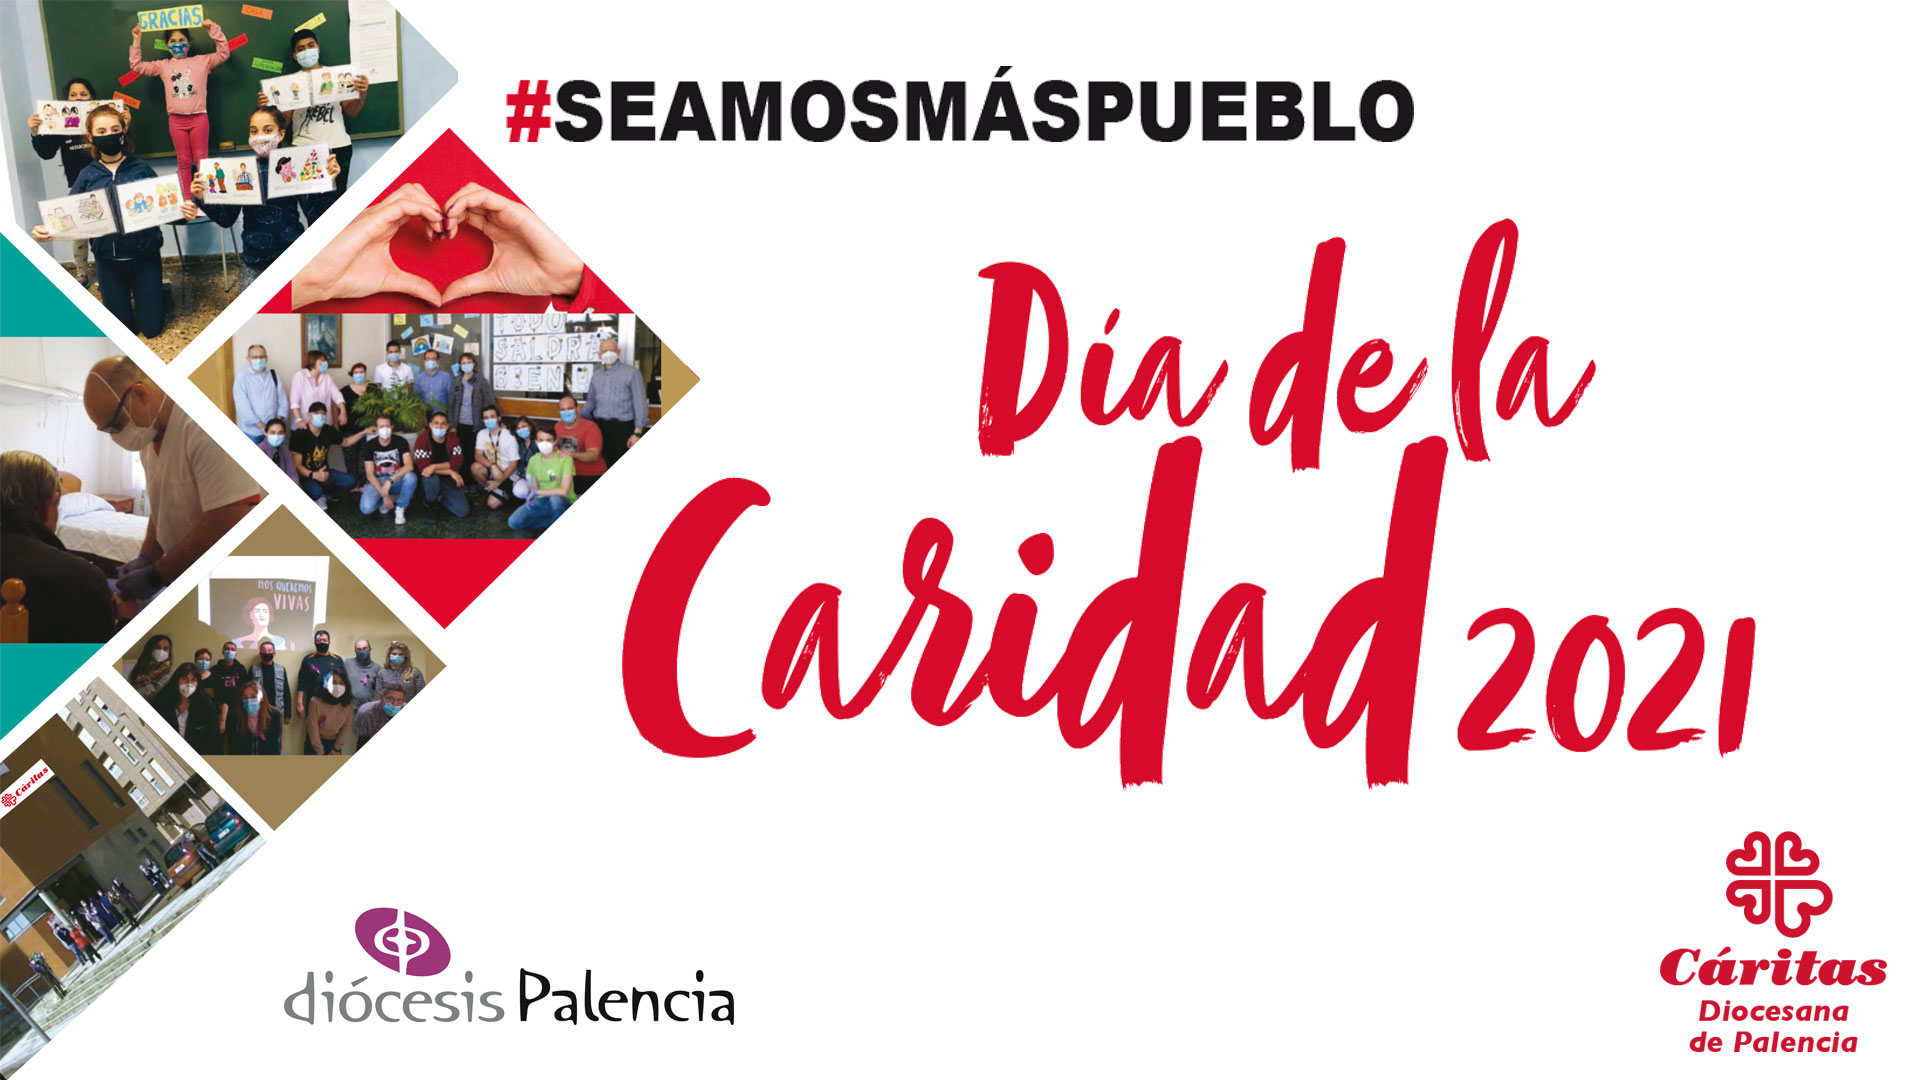 Diócesis de Palencia - Día de la Caridad 2021 - #SeamosMásPueblo